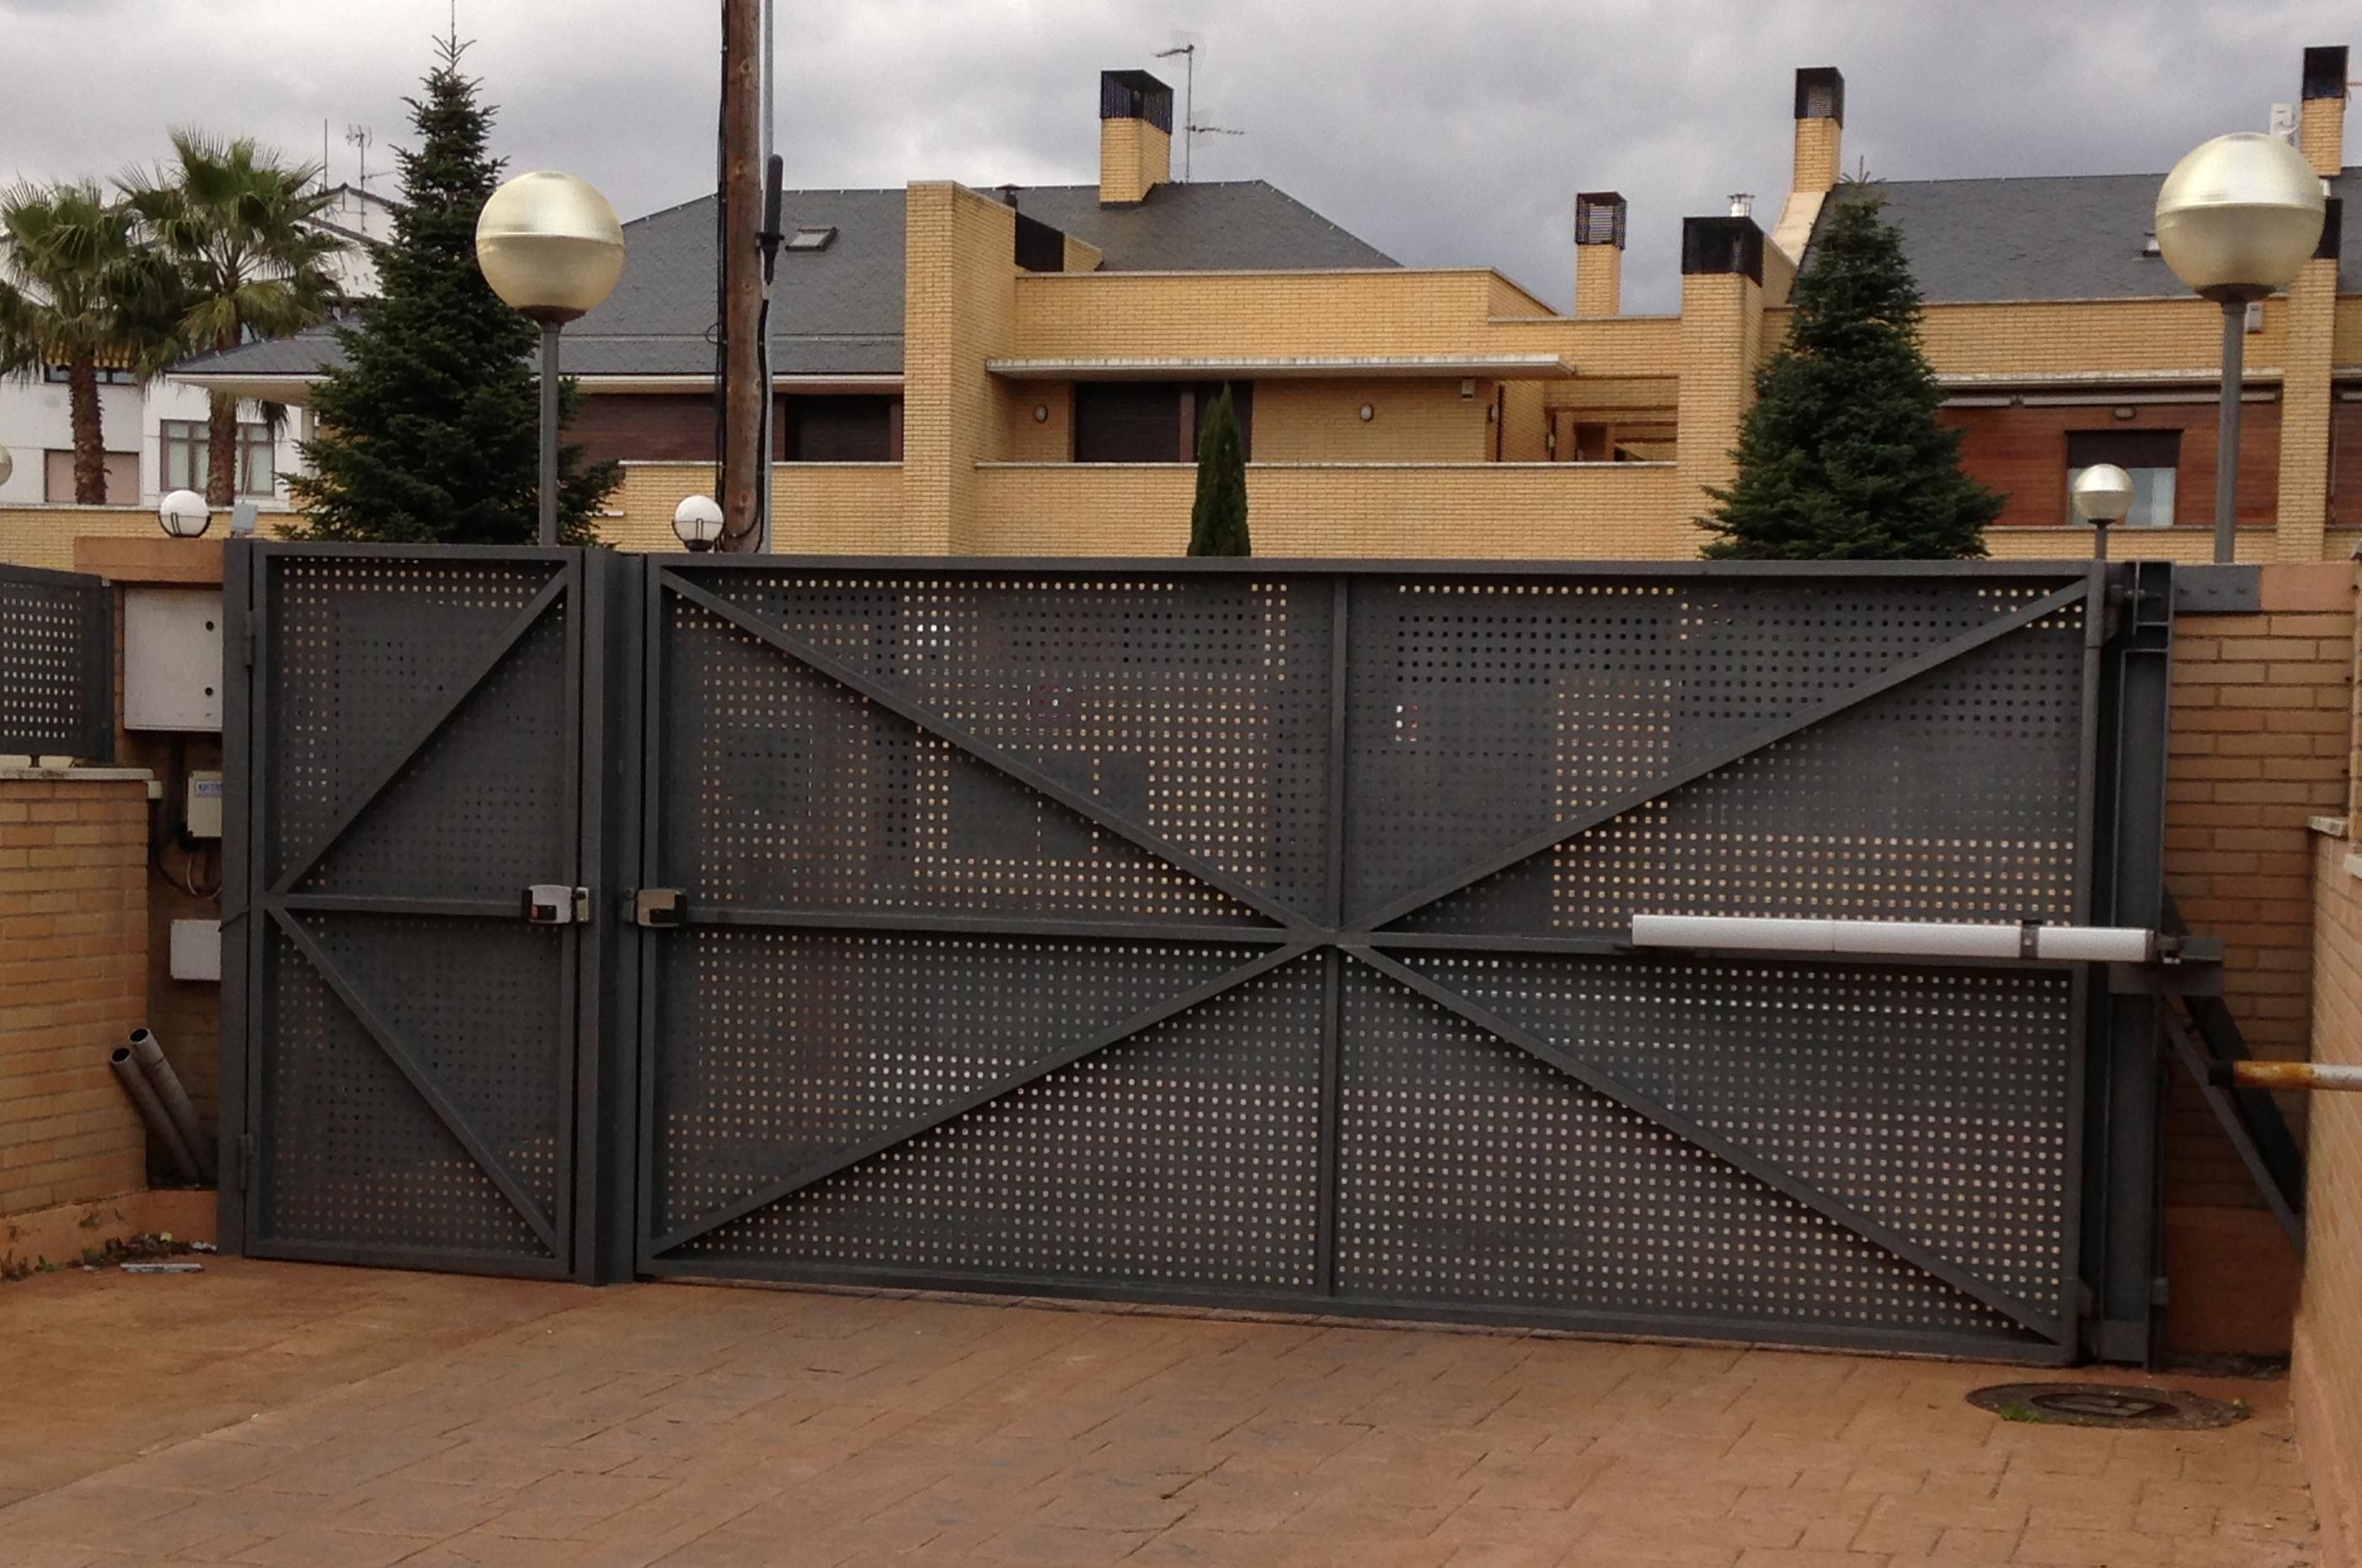 Puertas logro o materiales de construcci n para la for Muebles segunda mano logrono